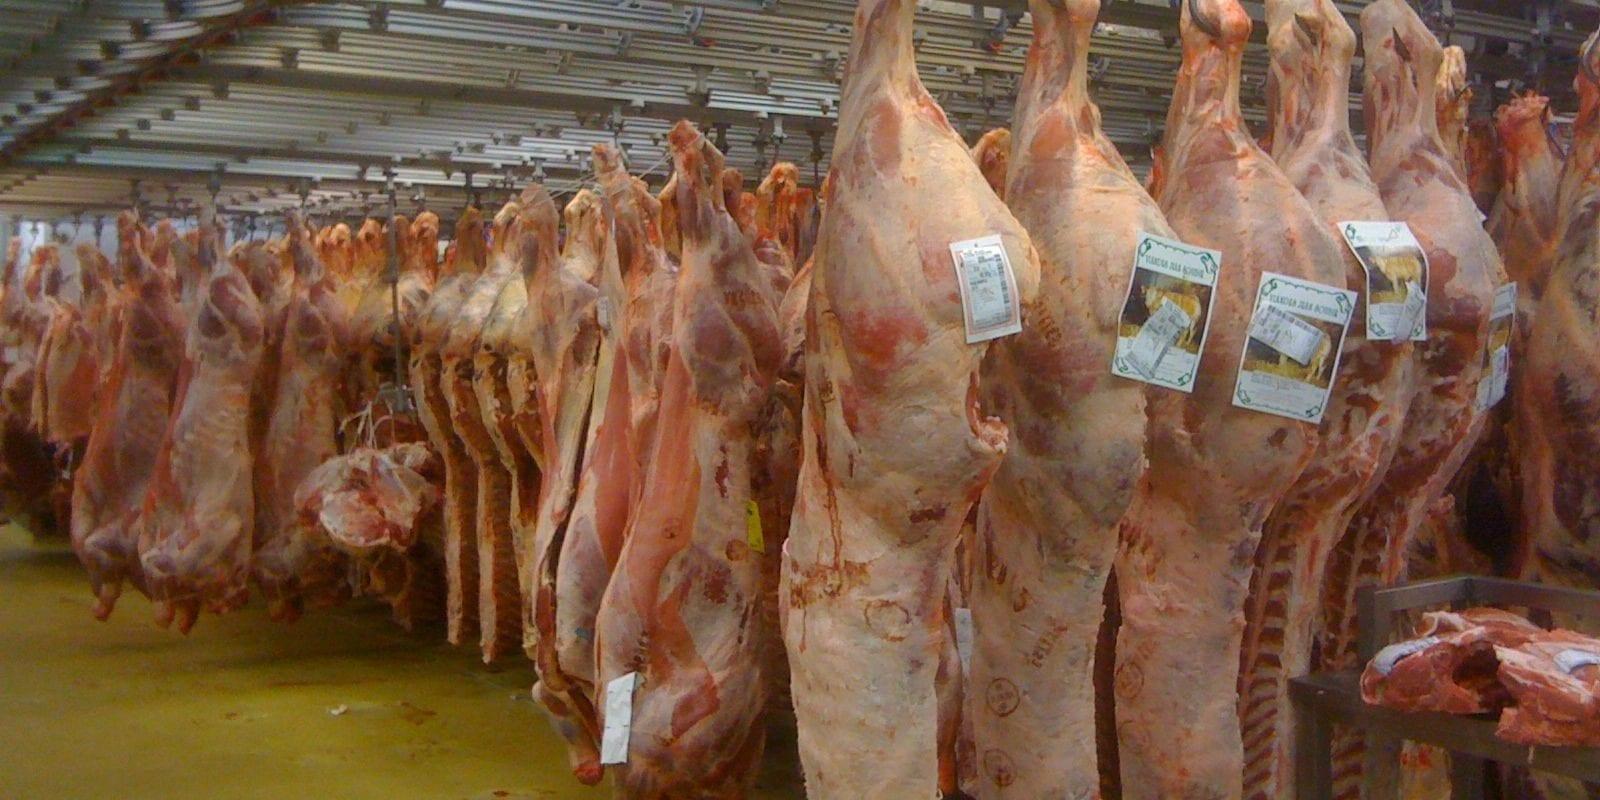 Comment Bigard a économisé 30millions d'euros pour s'emparer des abattoirs alsaciens